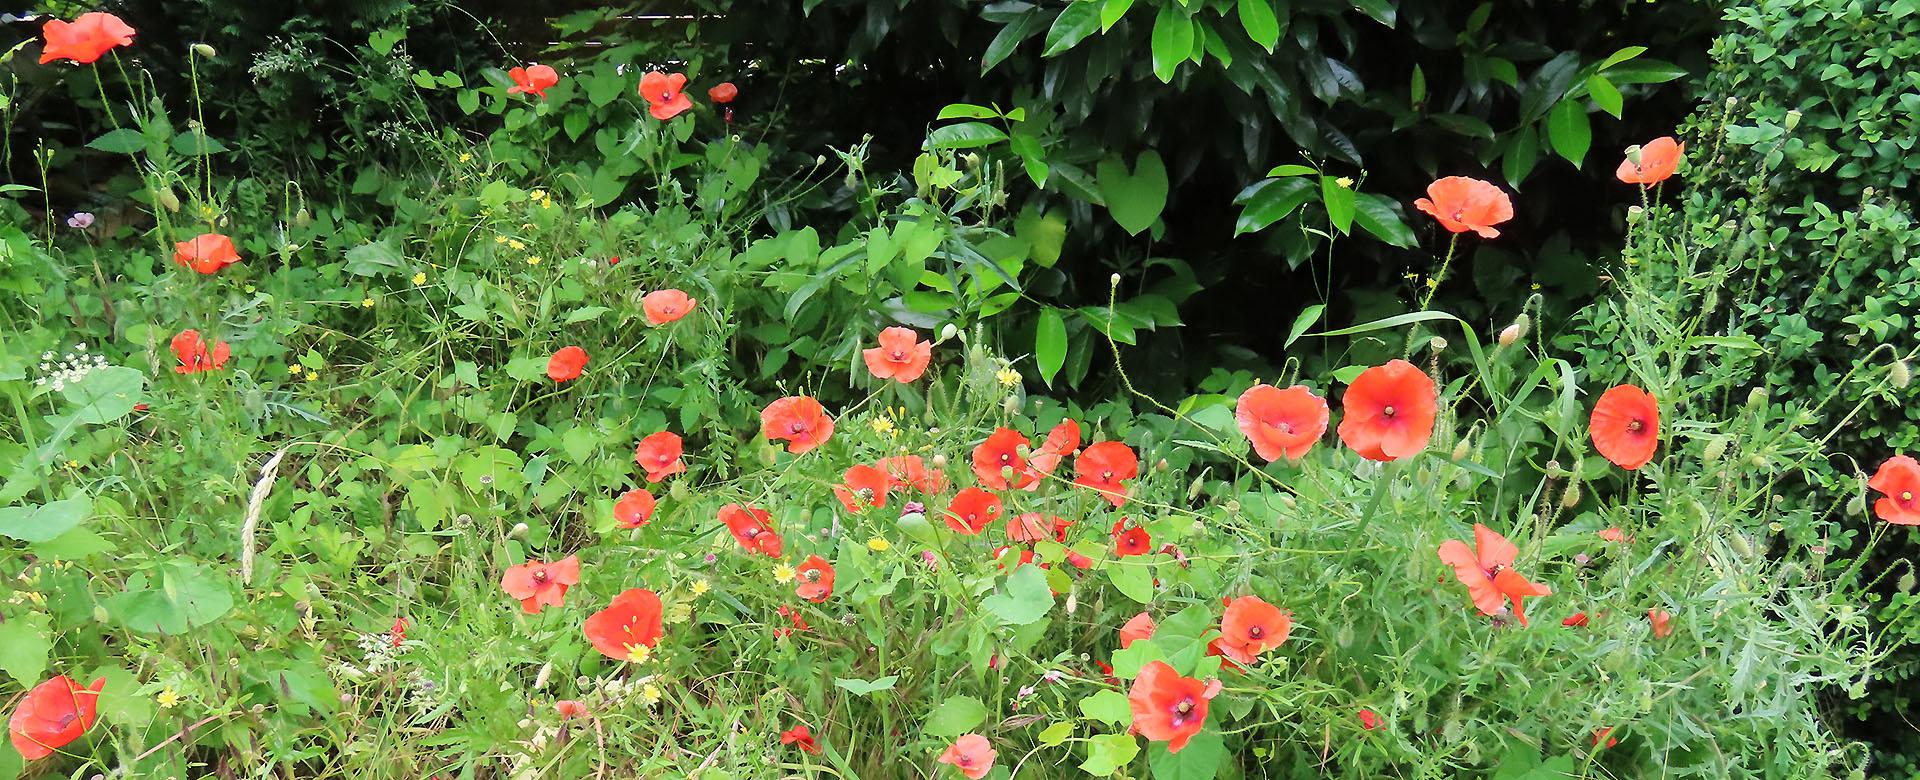 Einige Mohnblumen